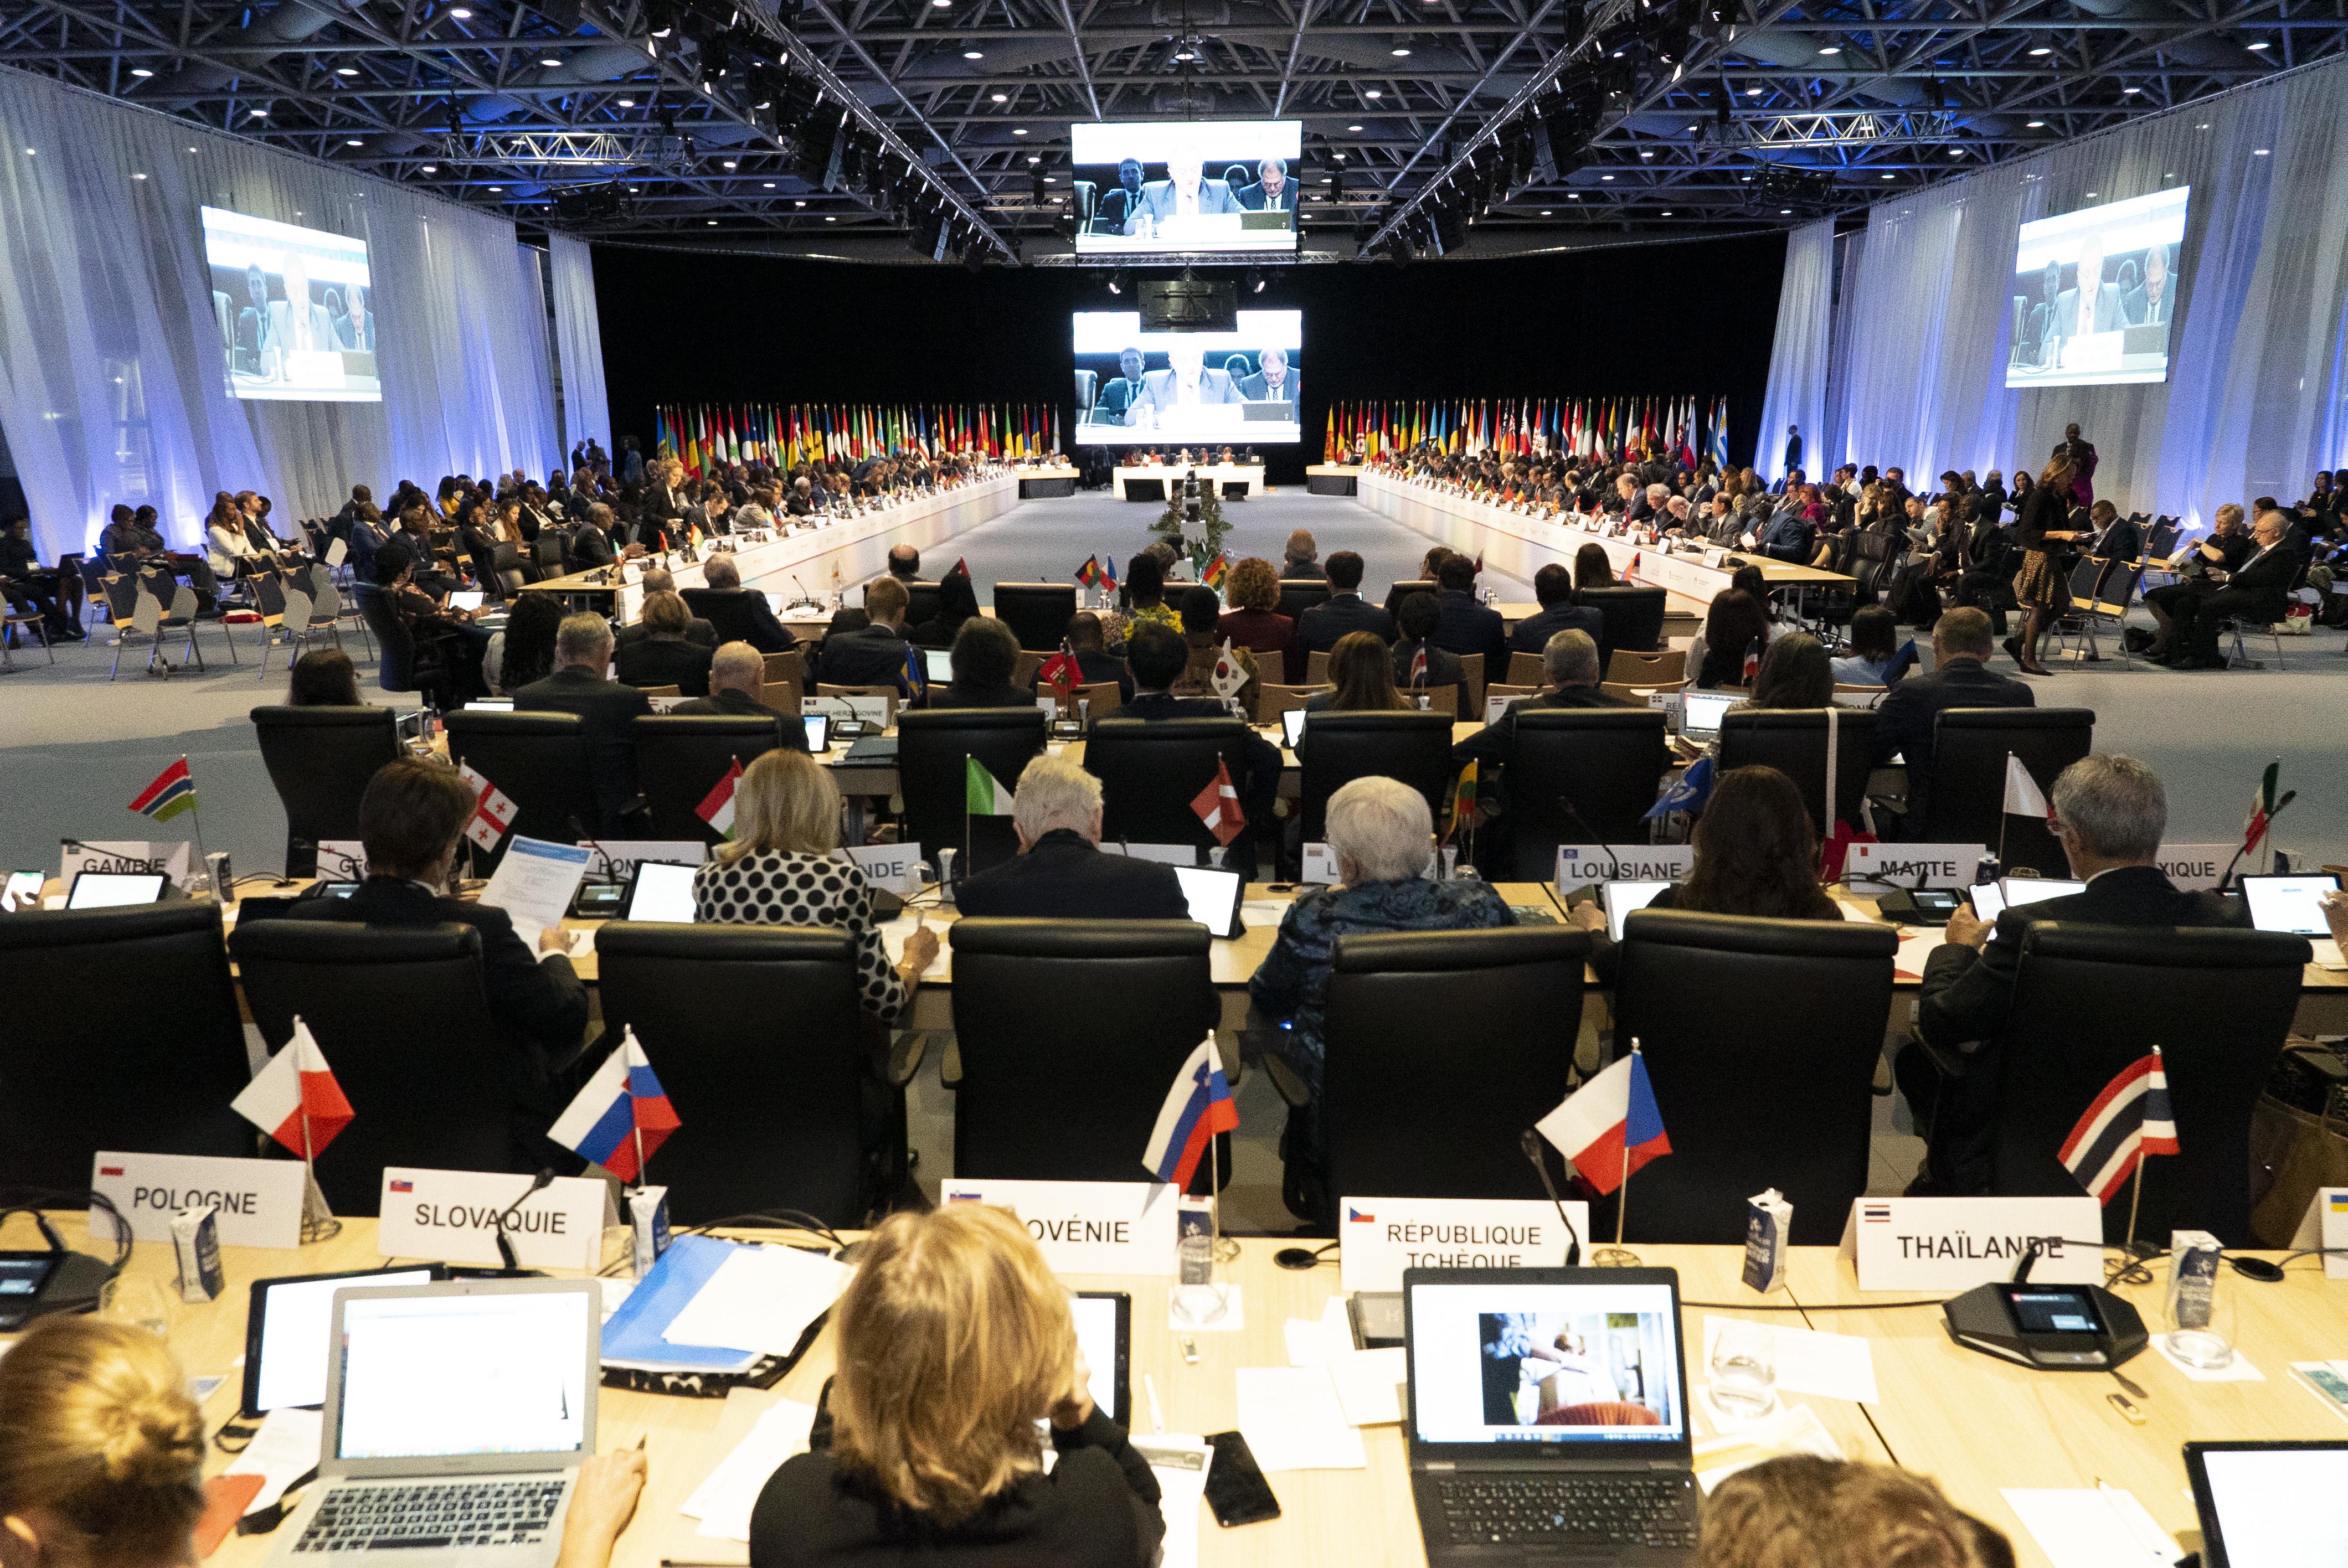 La 36e conférence interministérielle de la Francophonie, le 30 octobre à Monaco.